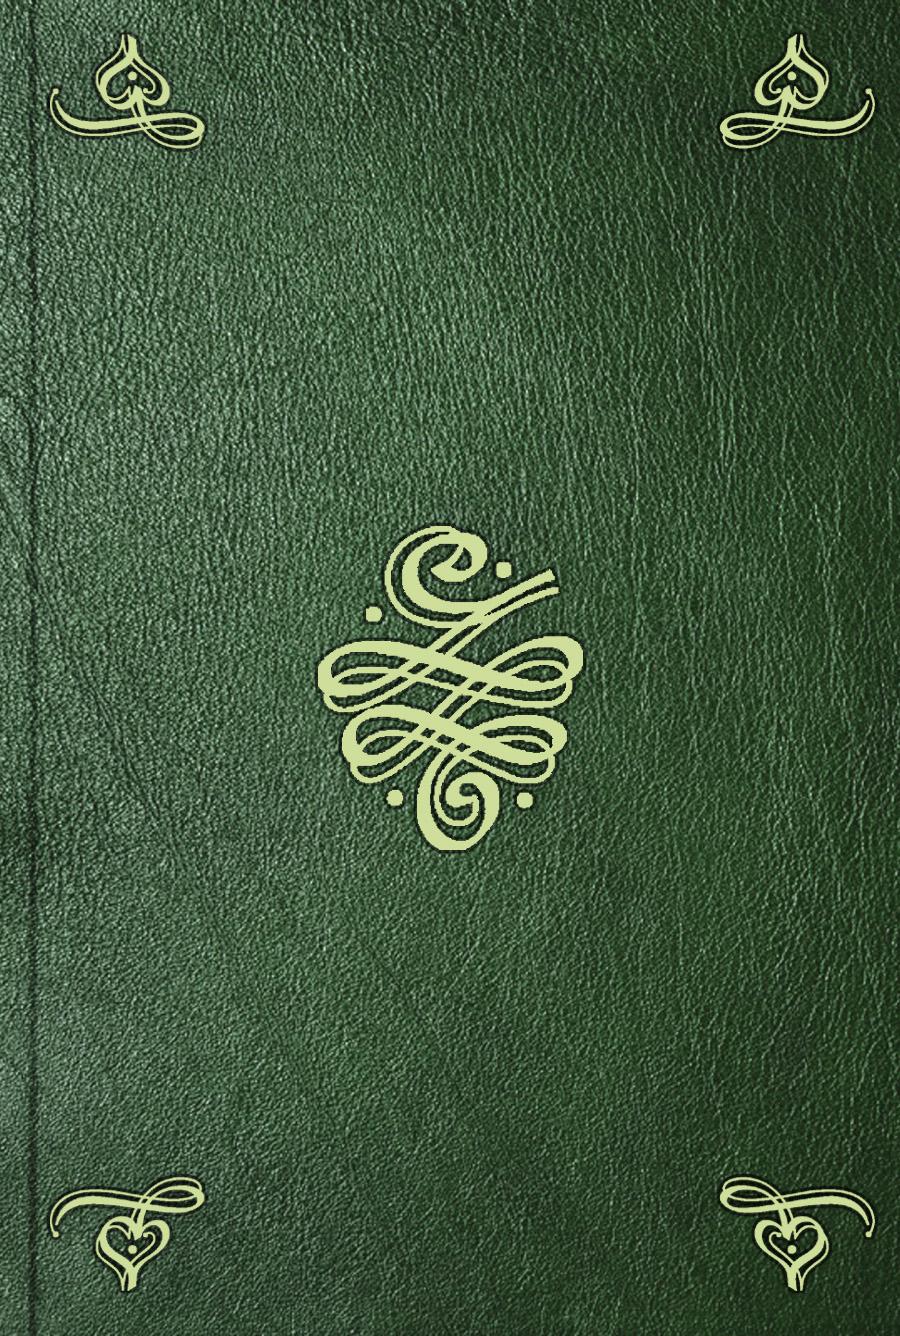 Johann Gottfried Herder Briefe zu Beförderung der Humanität. Sammlung 10 johann gottfried herder briefe zu beförderung der humanität sammlung 4